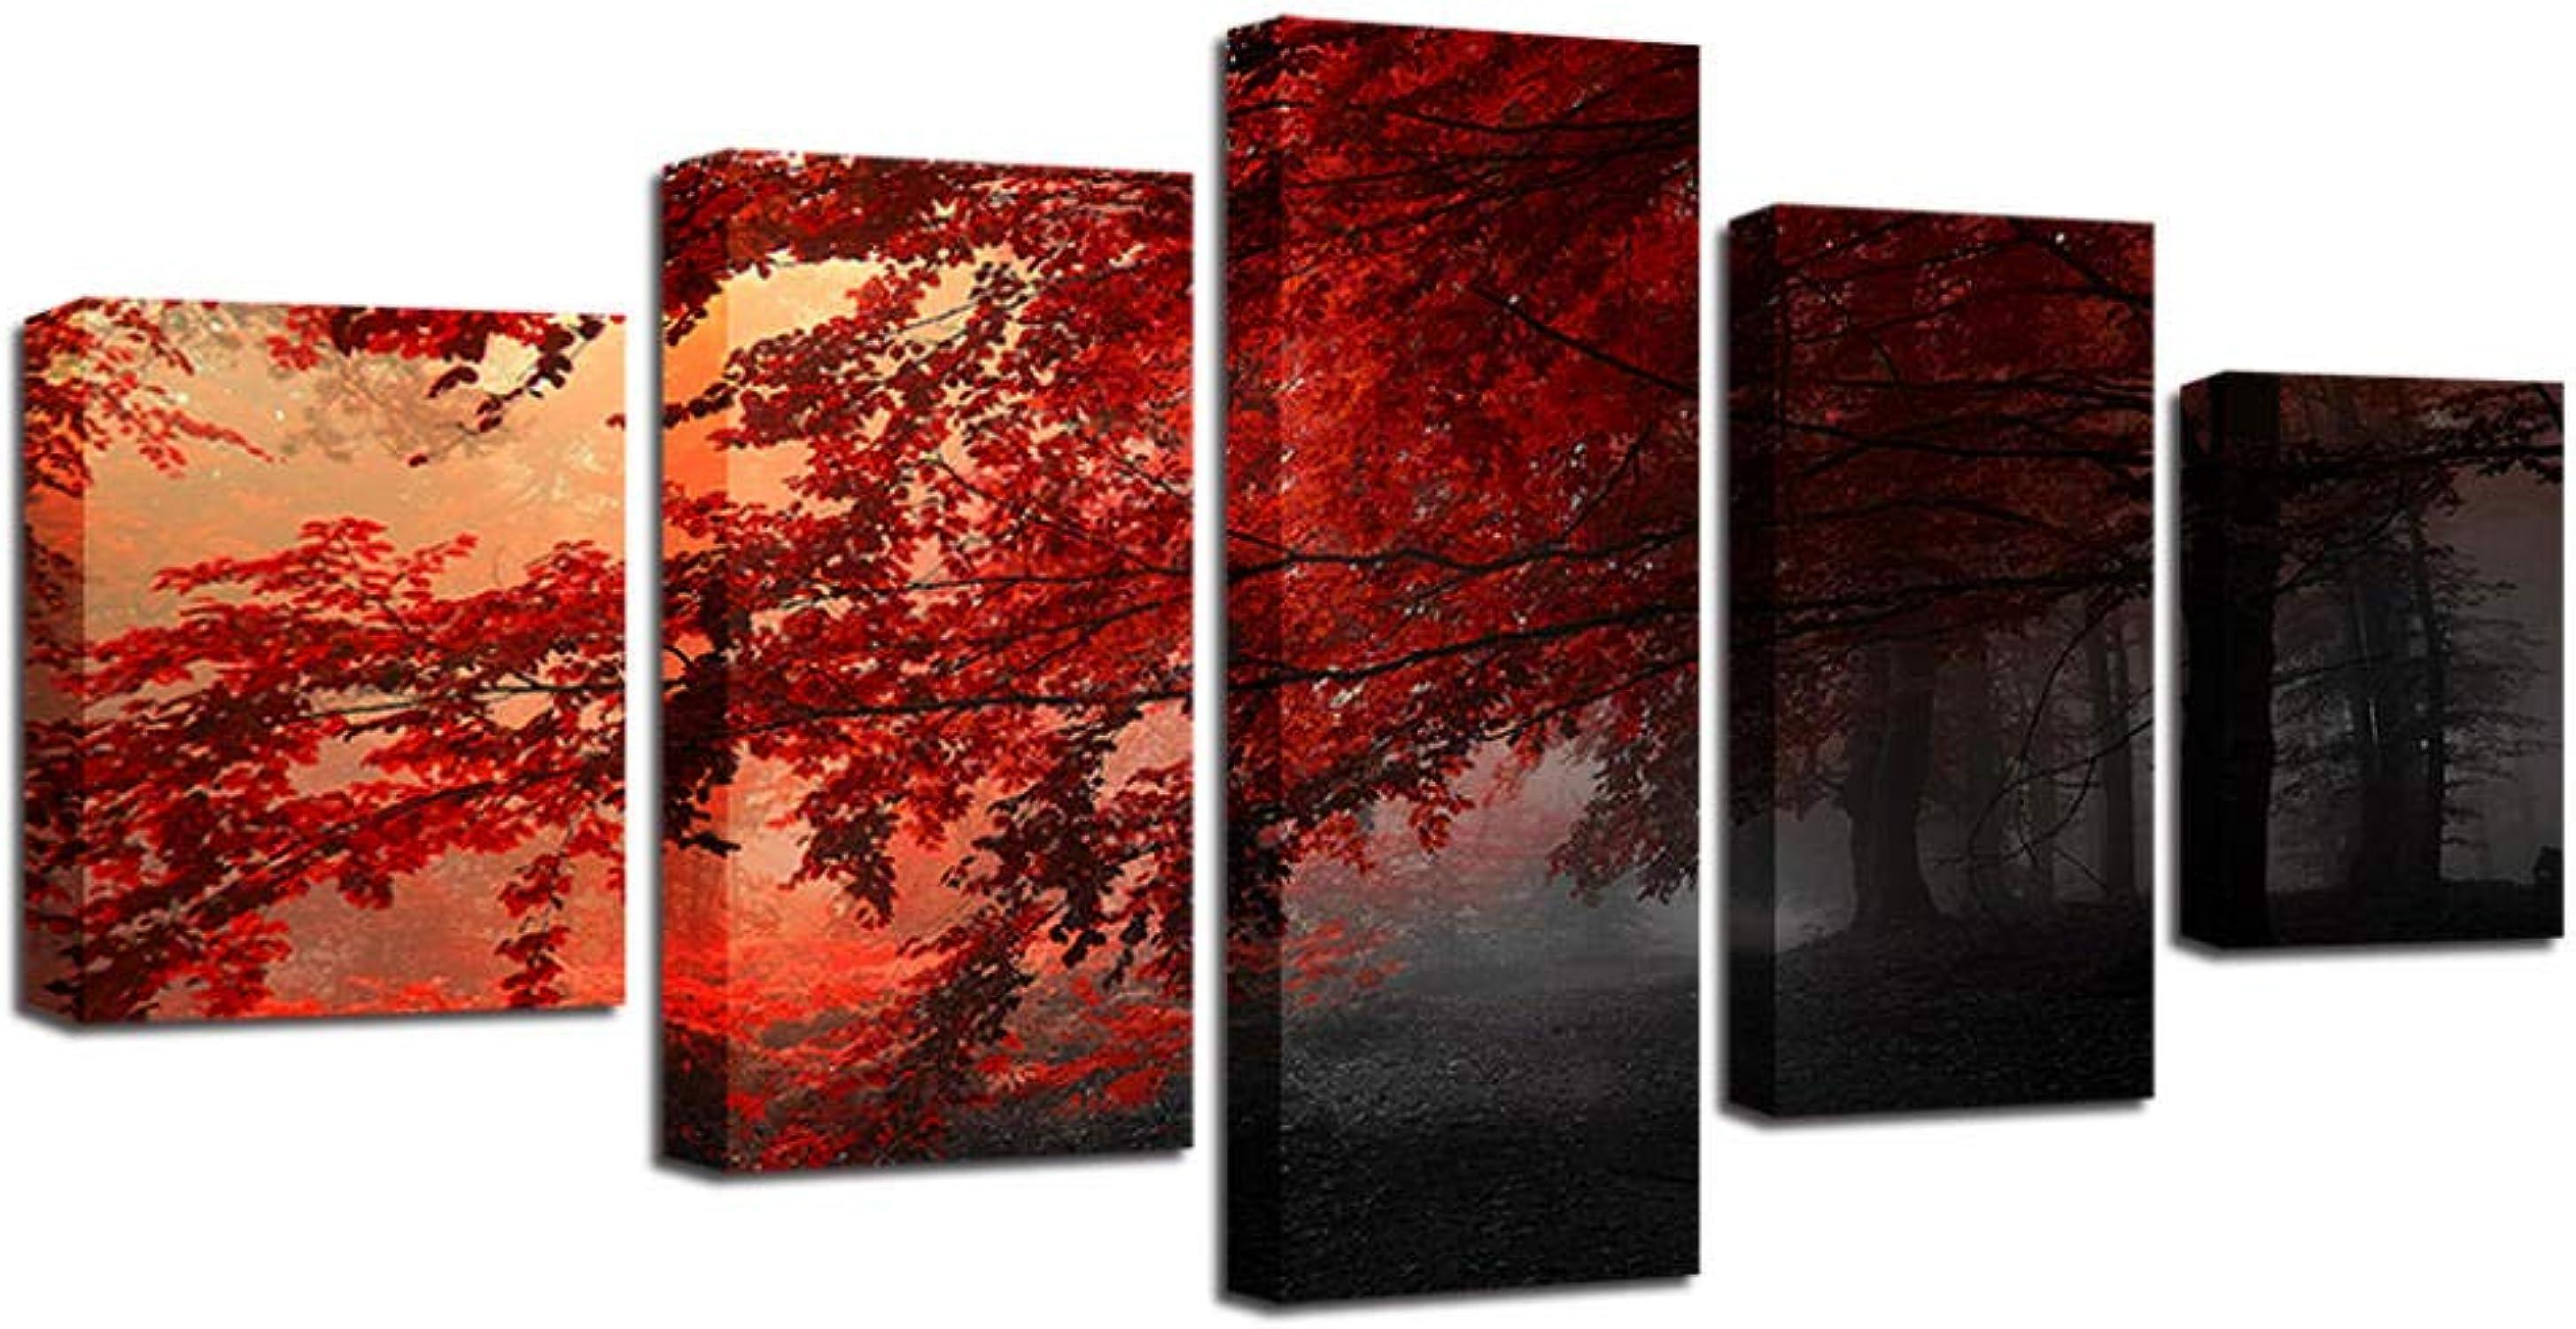 punto de venta barato GZHMW GZHMW GZHMW Cuadros 5 Piezas Moderno Bosque De Arce Lienzos Decorativos Salon 100x50cm Listos para Colgar  grandes ofertas